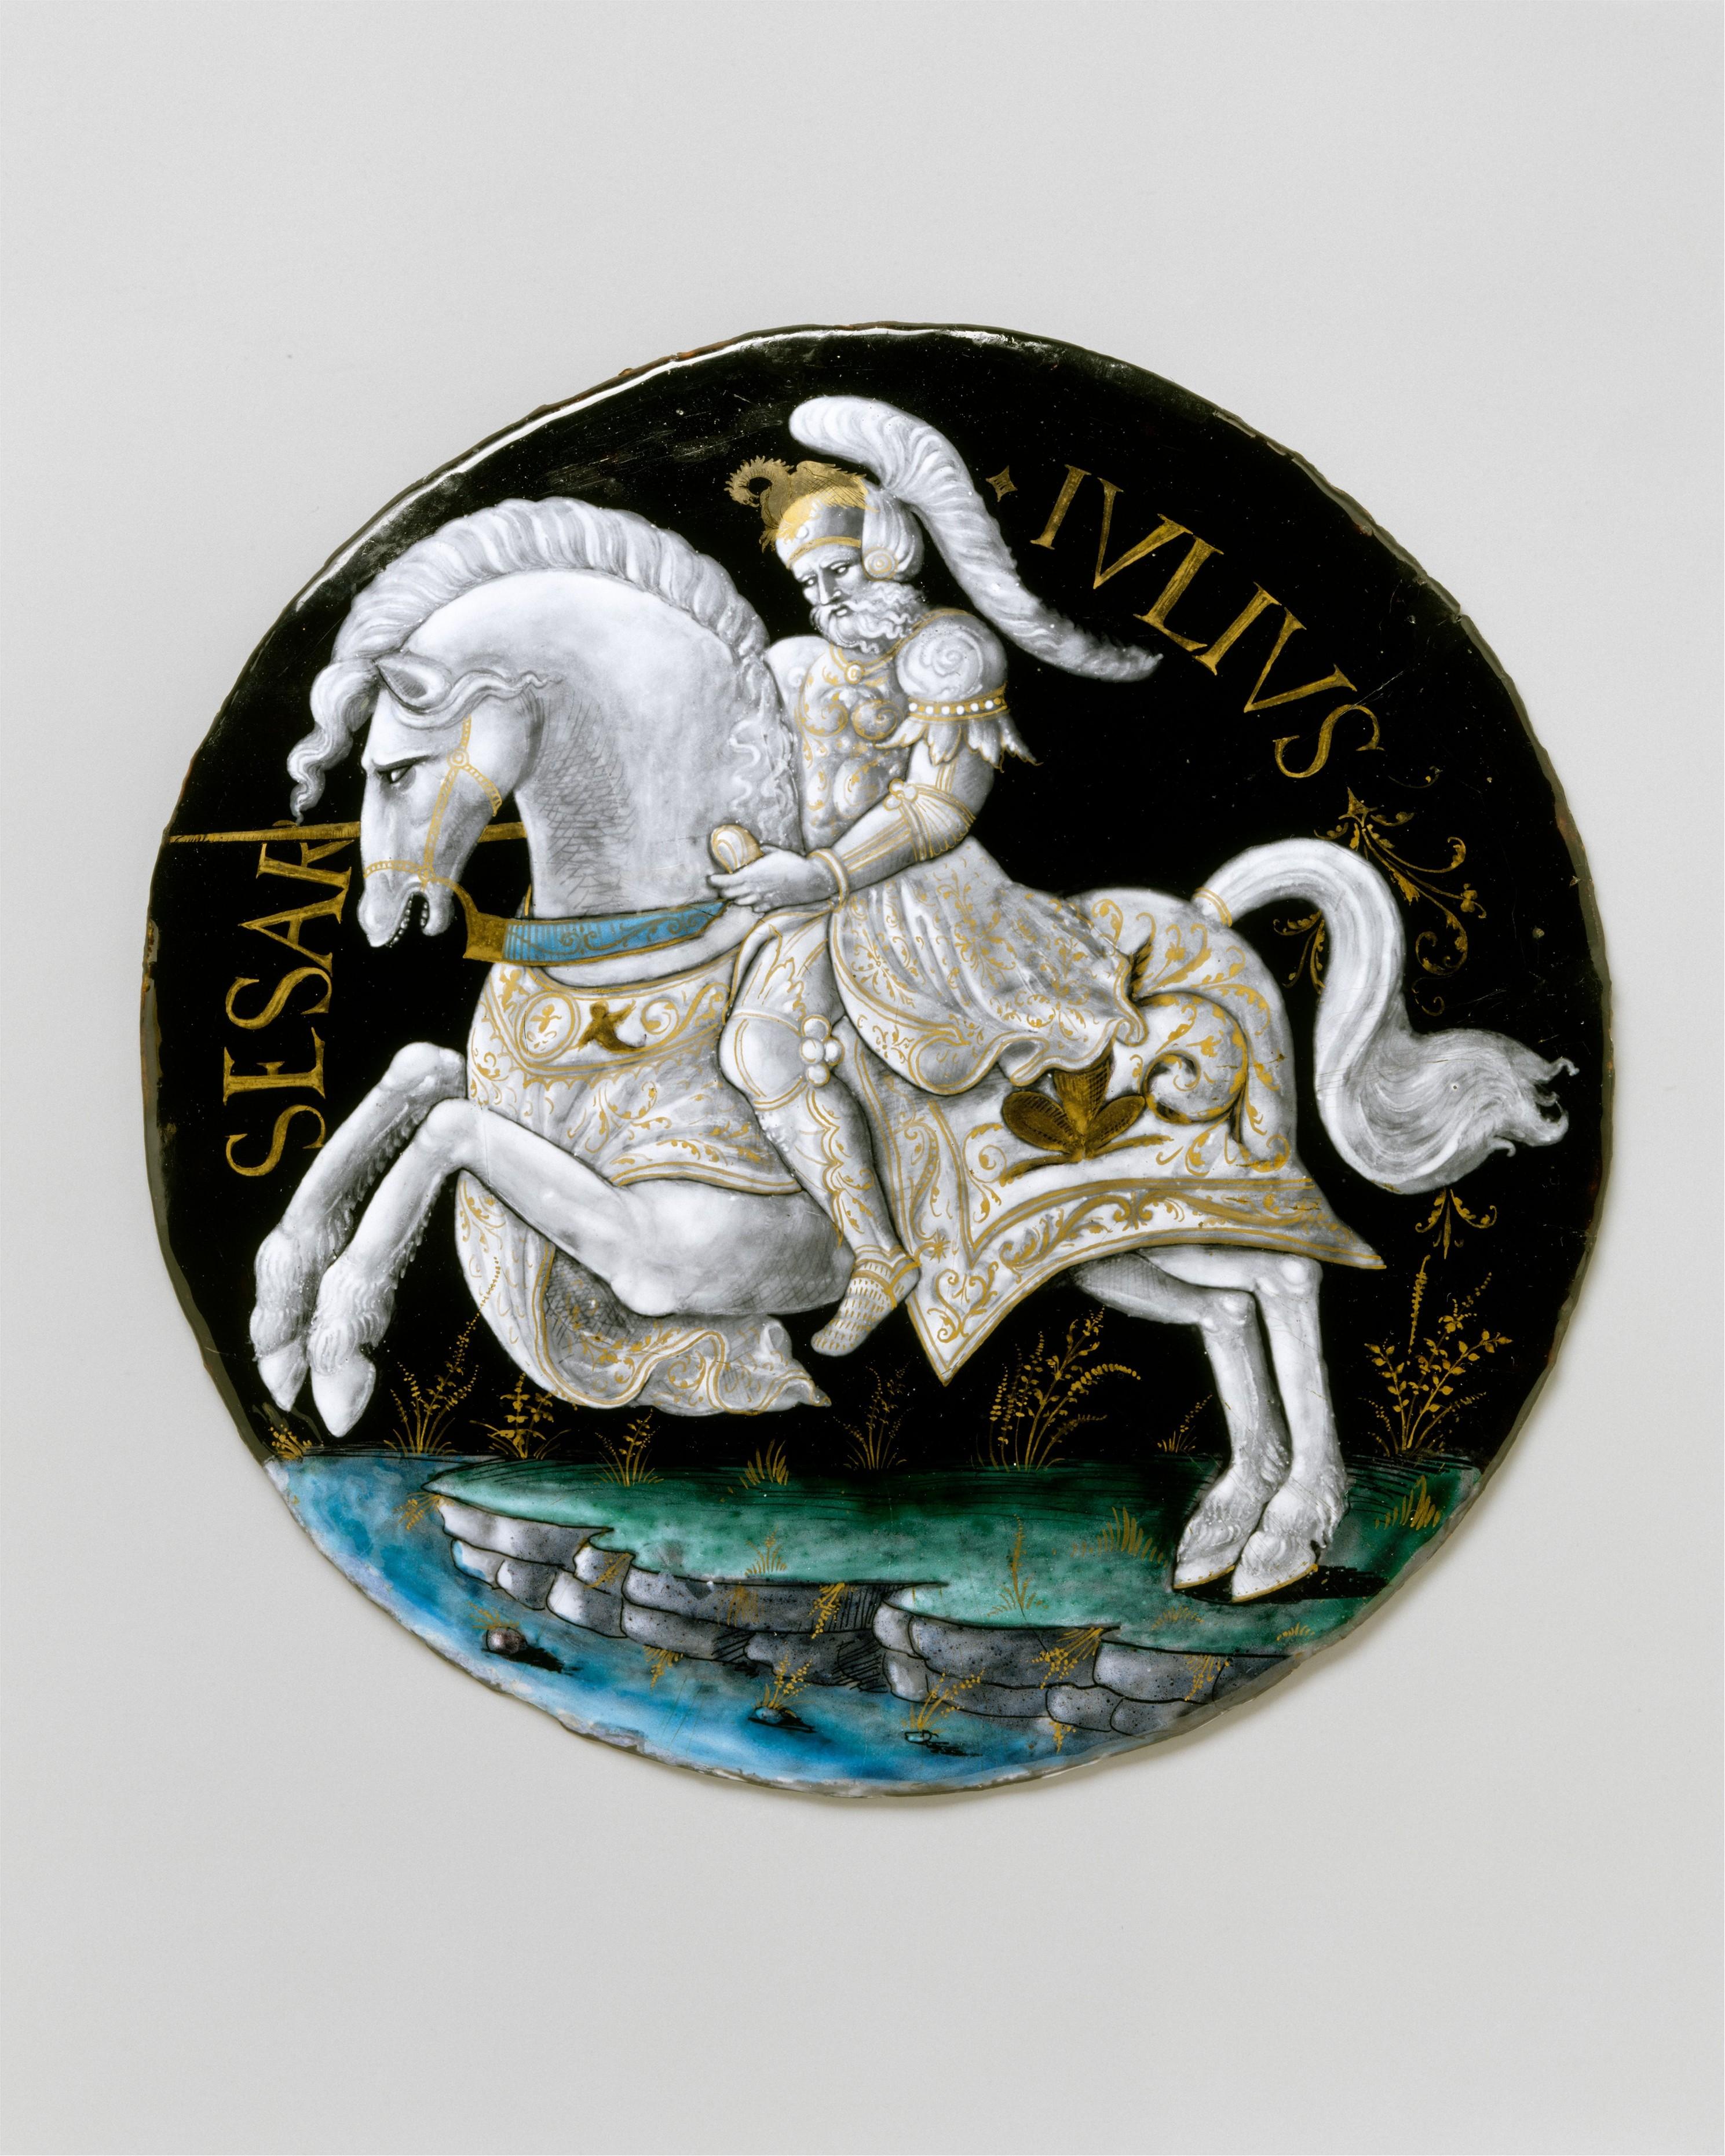 Юлий Цезарь, Франция, Лимож, около 1541